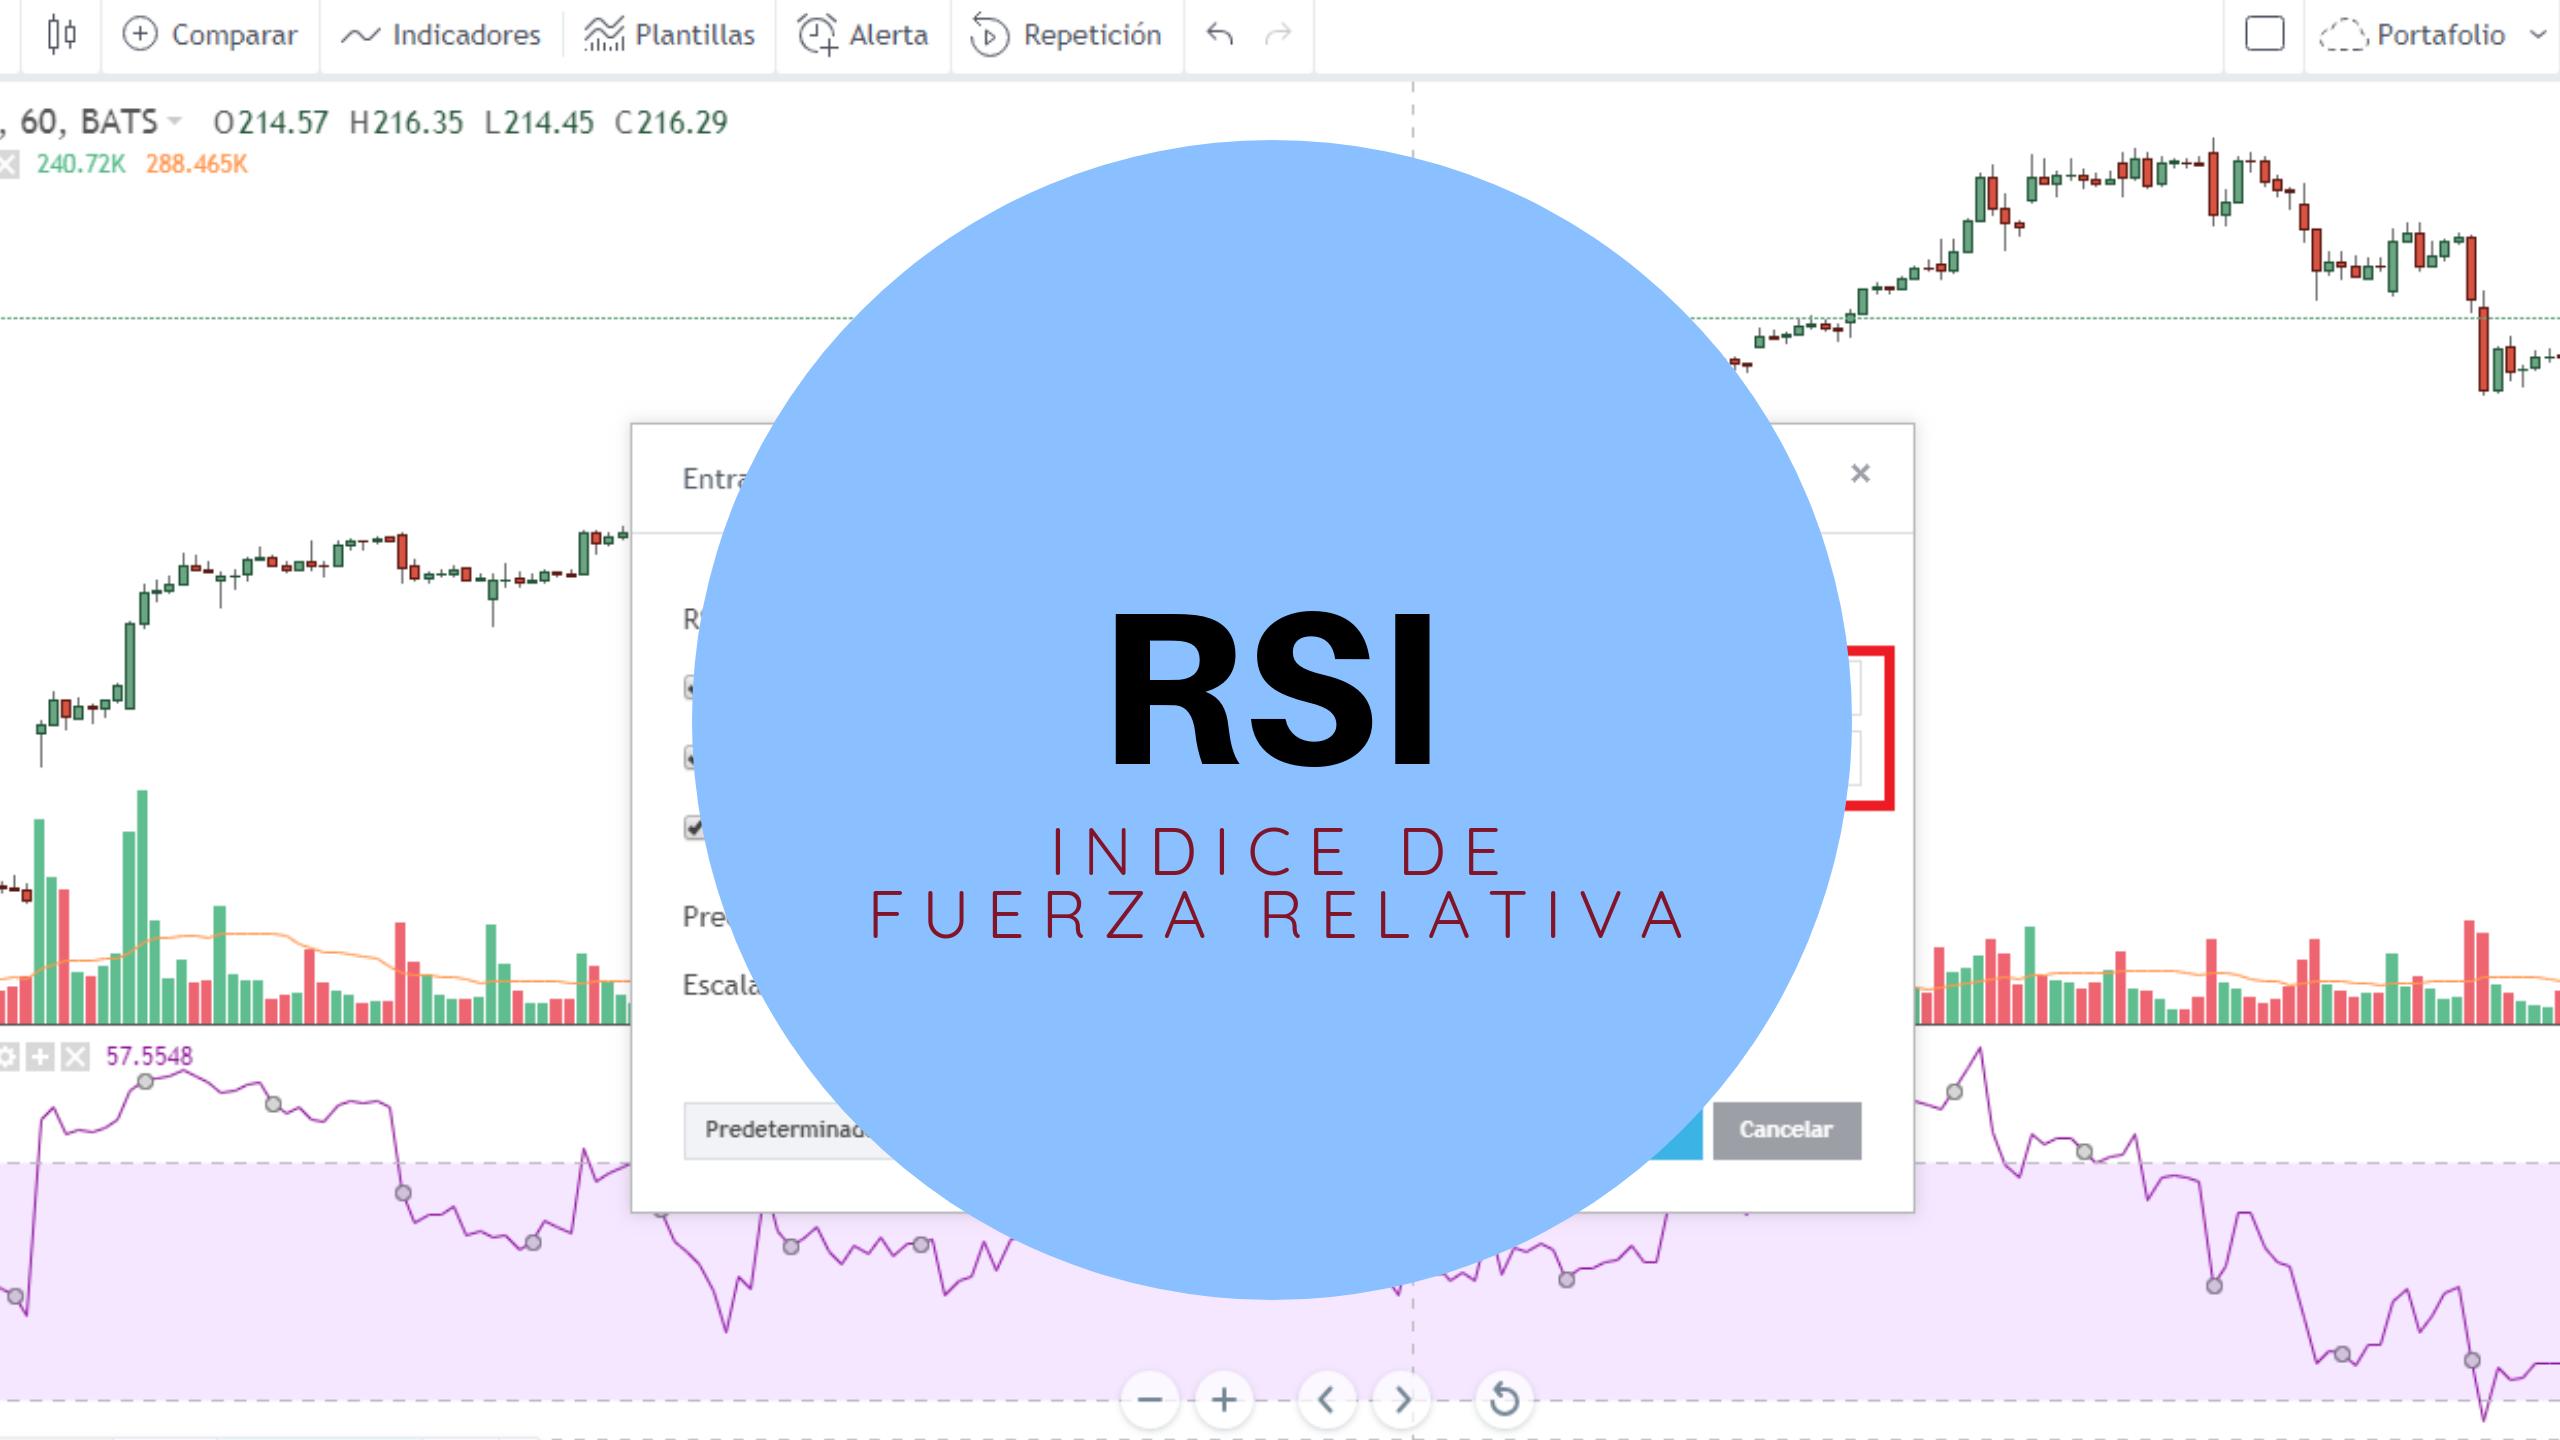 Indicador RSI: Fórmula, configuración, señales y más